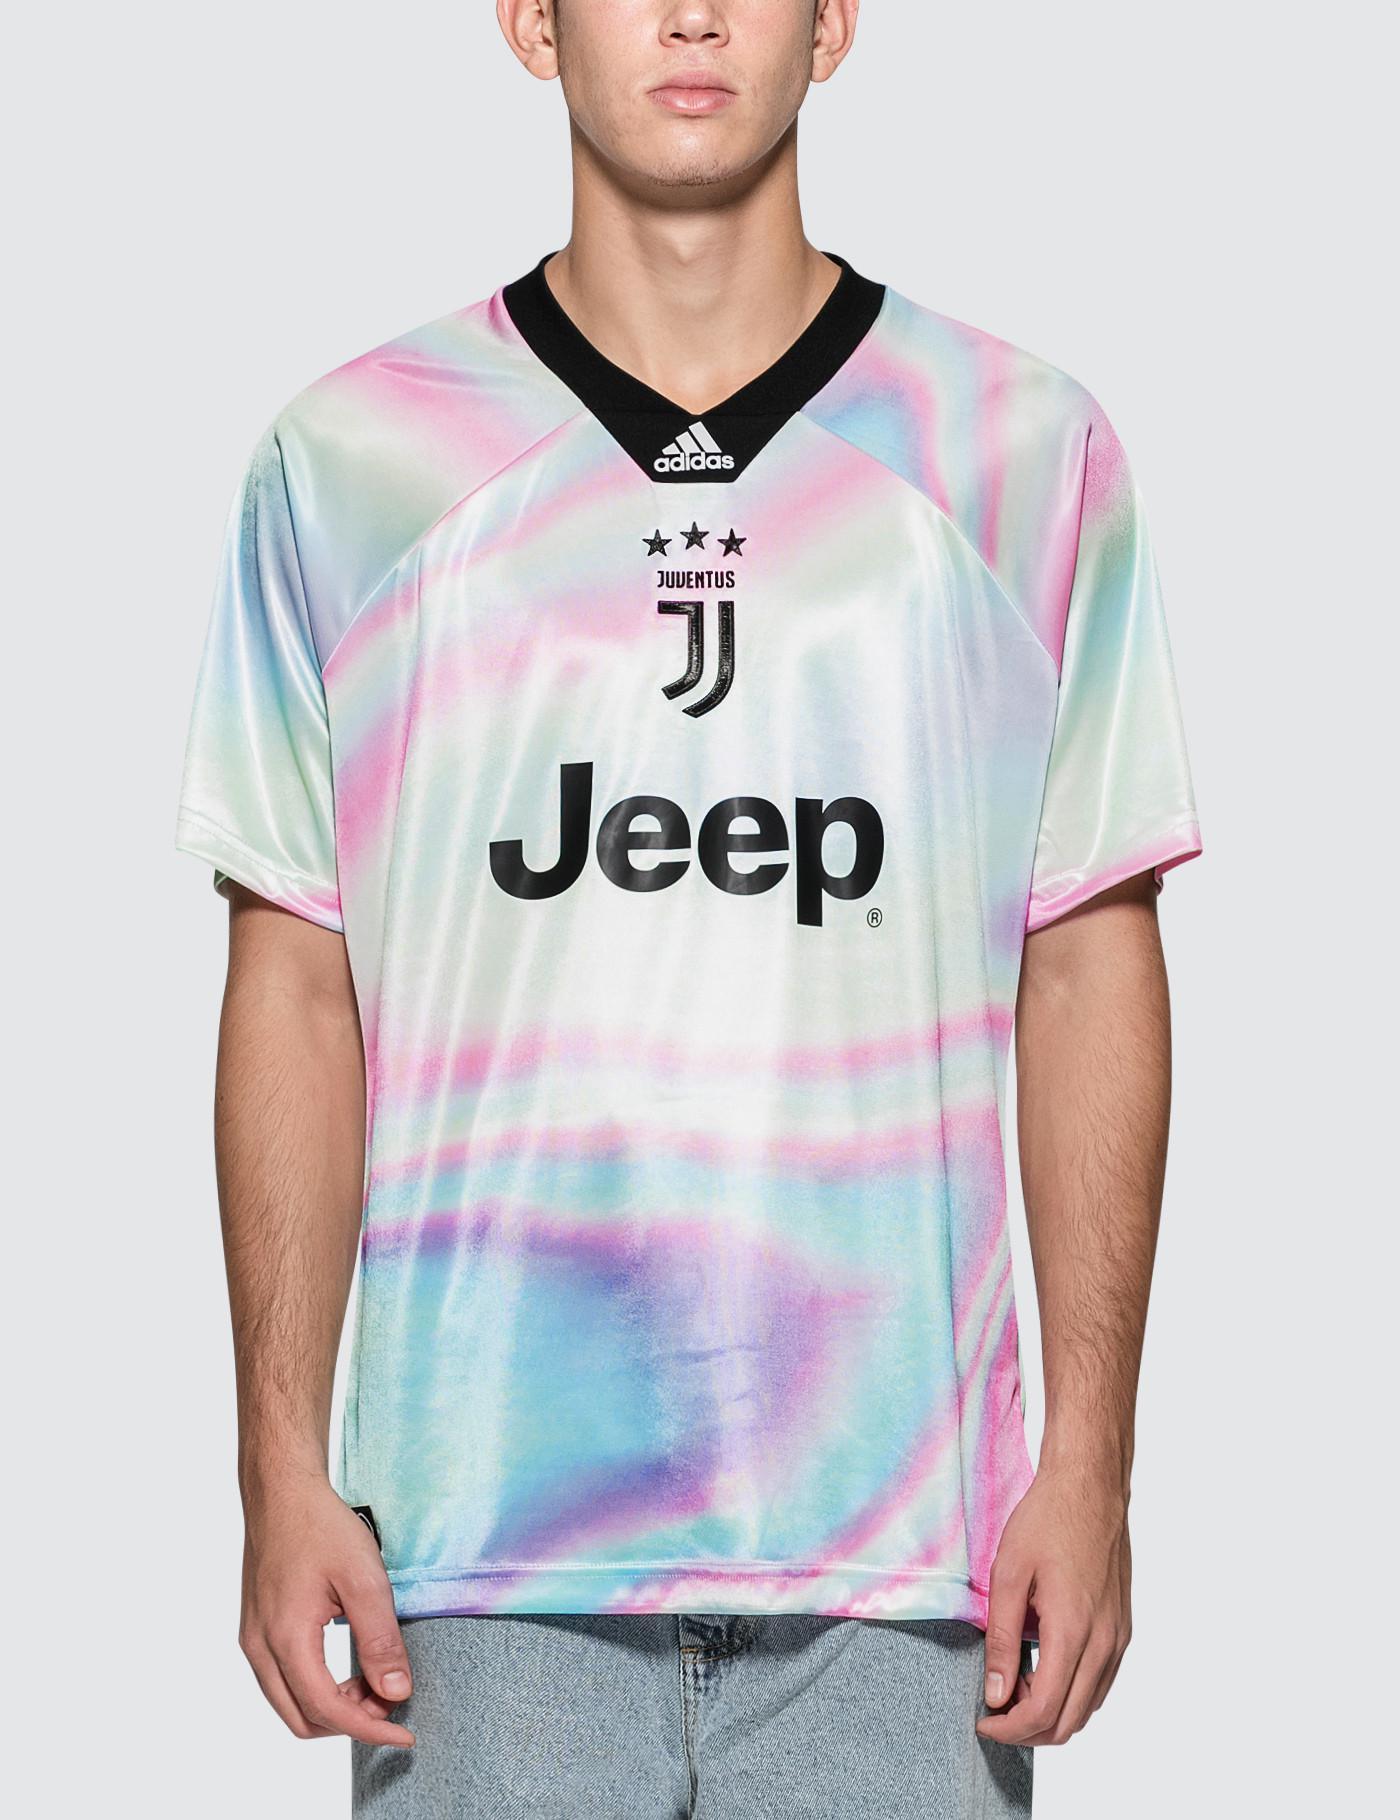 Adidas Juventus